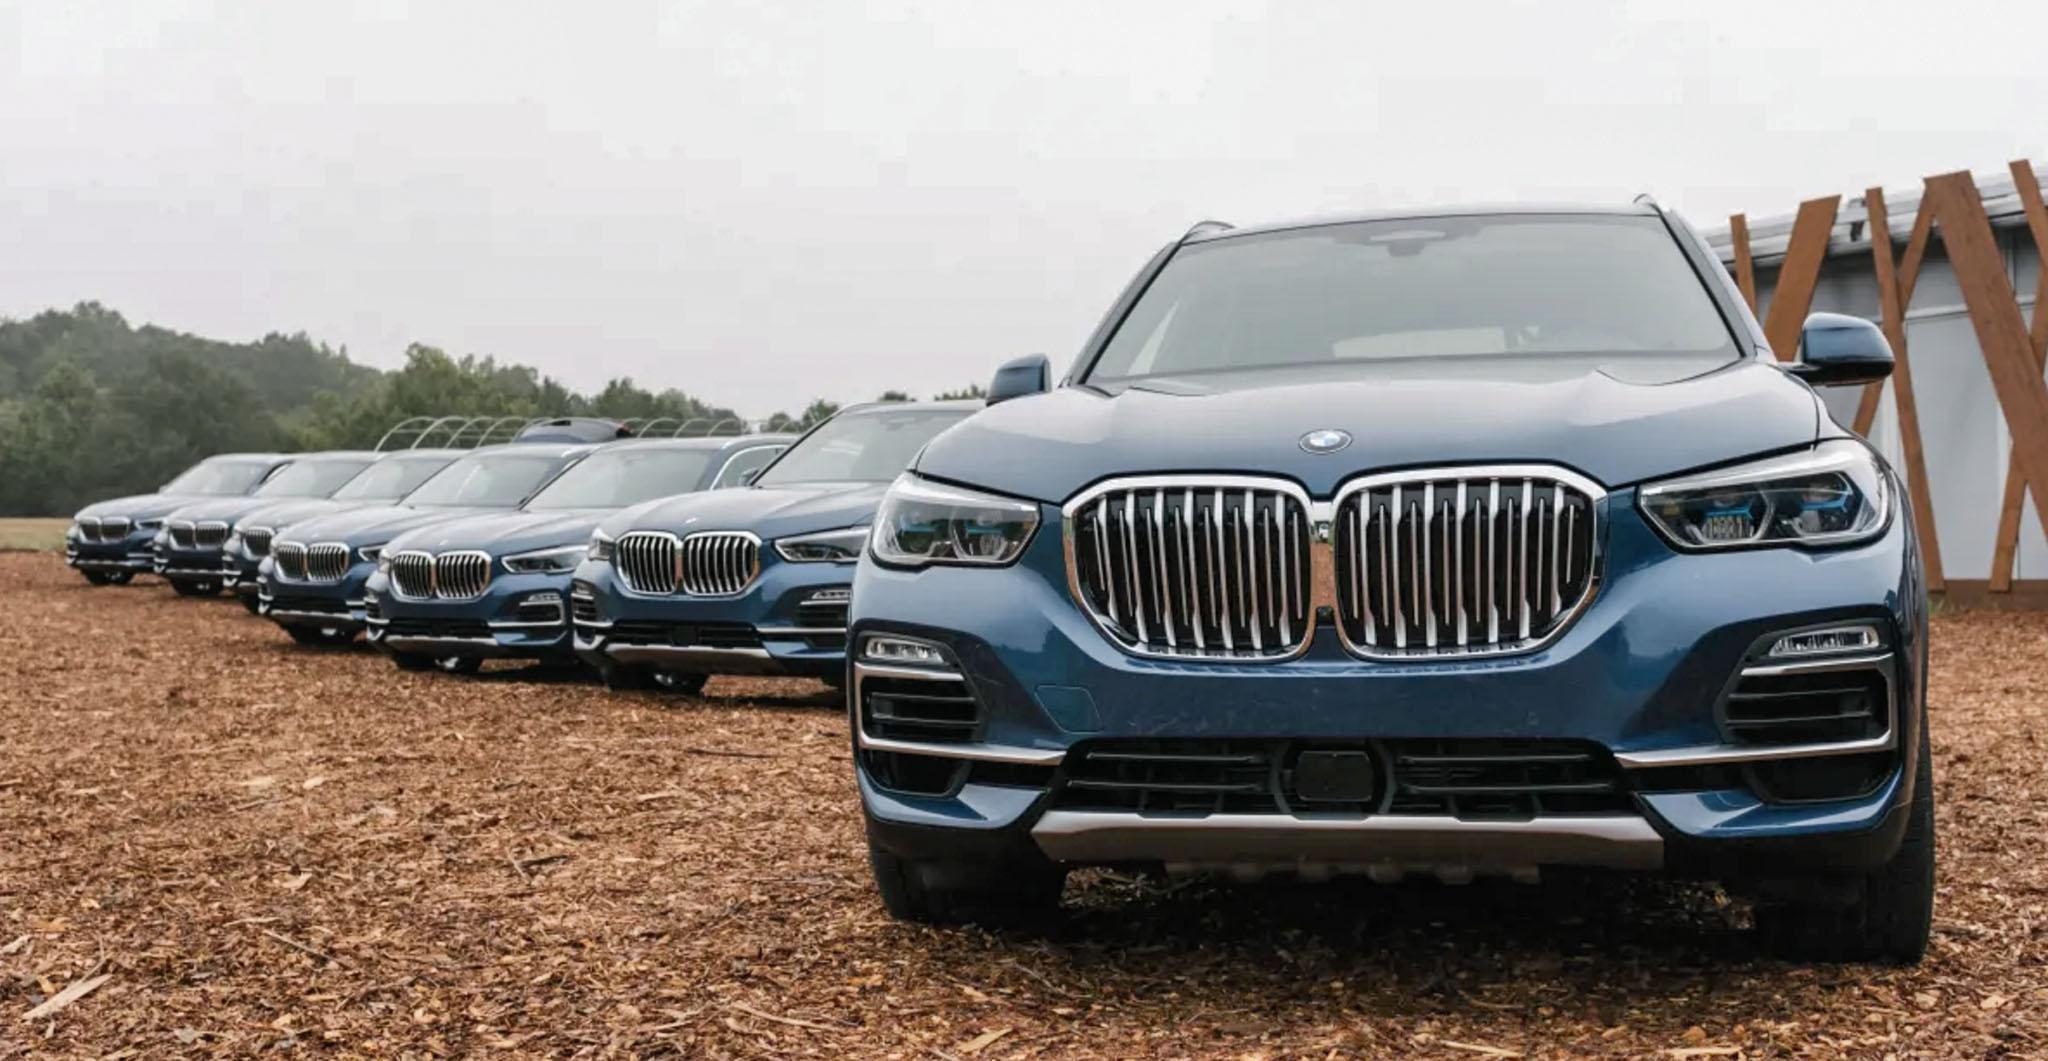 BMW tiếp tục dẫn đầu phân khúc xe sang tại Mỹ